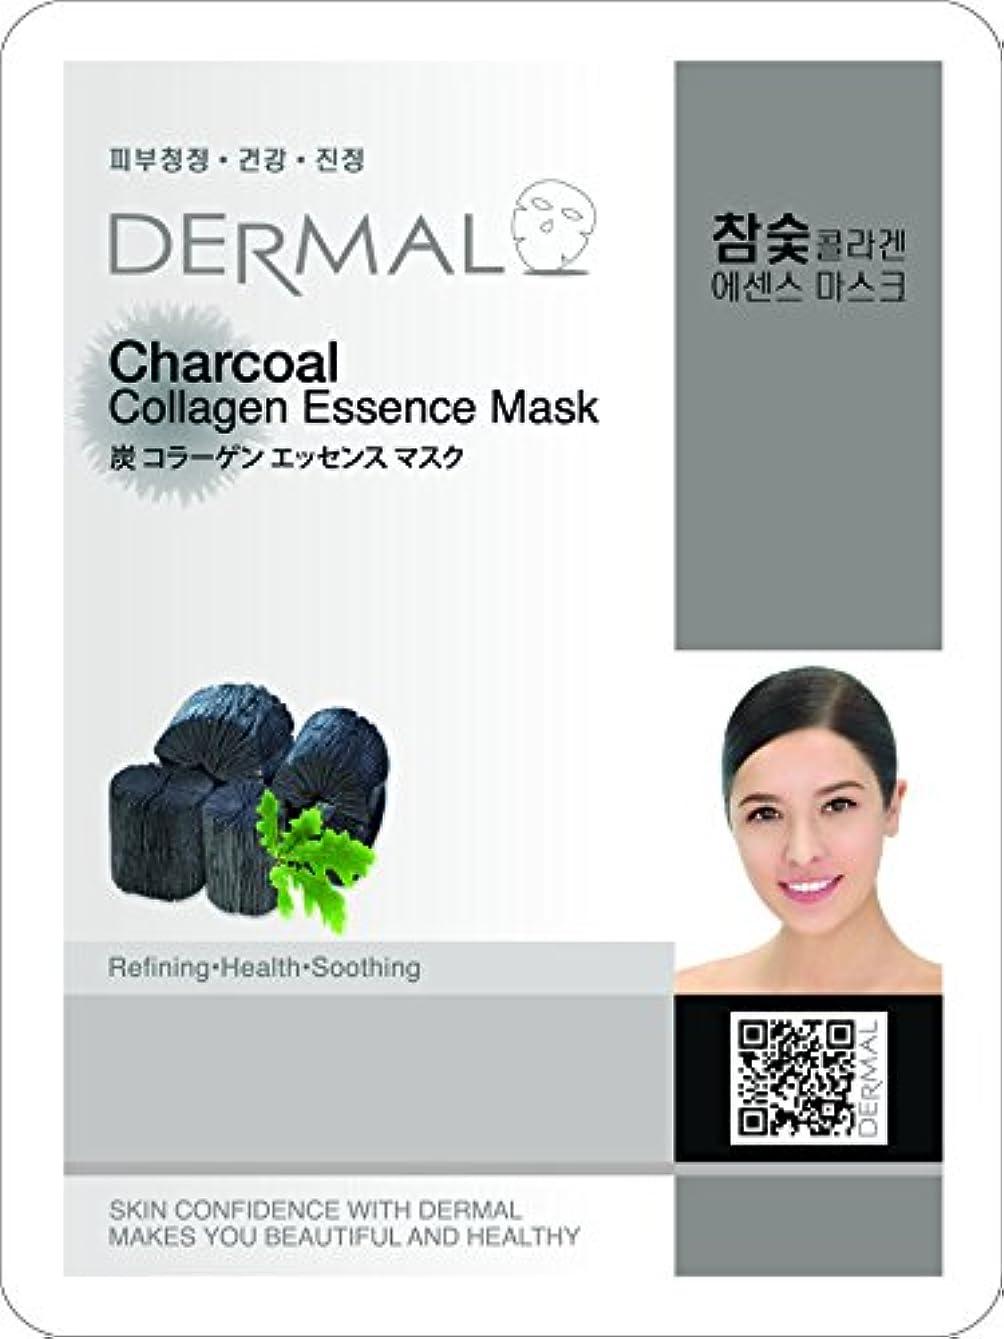 作り上げるアジアいつか【DERMAL】ダーマル シートマスク 炭 10枚セット/保湿/フェイスマスク/フェイスパック/マスクパック/韓国コスメ [メール便]